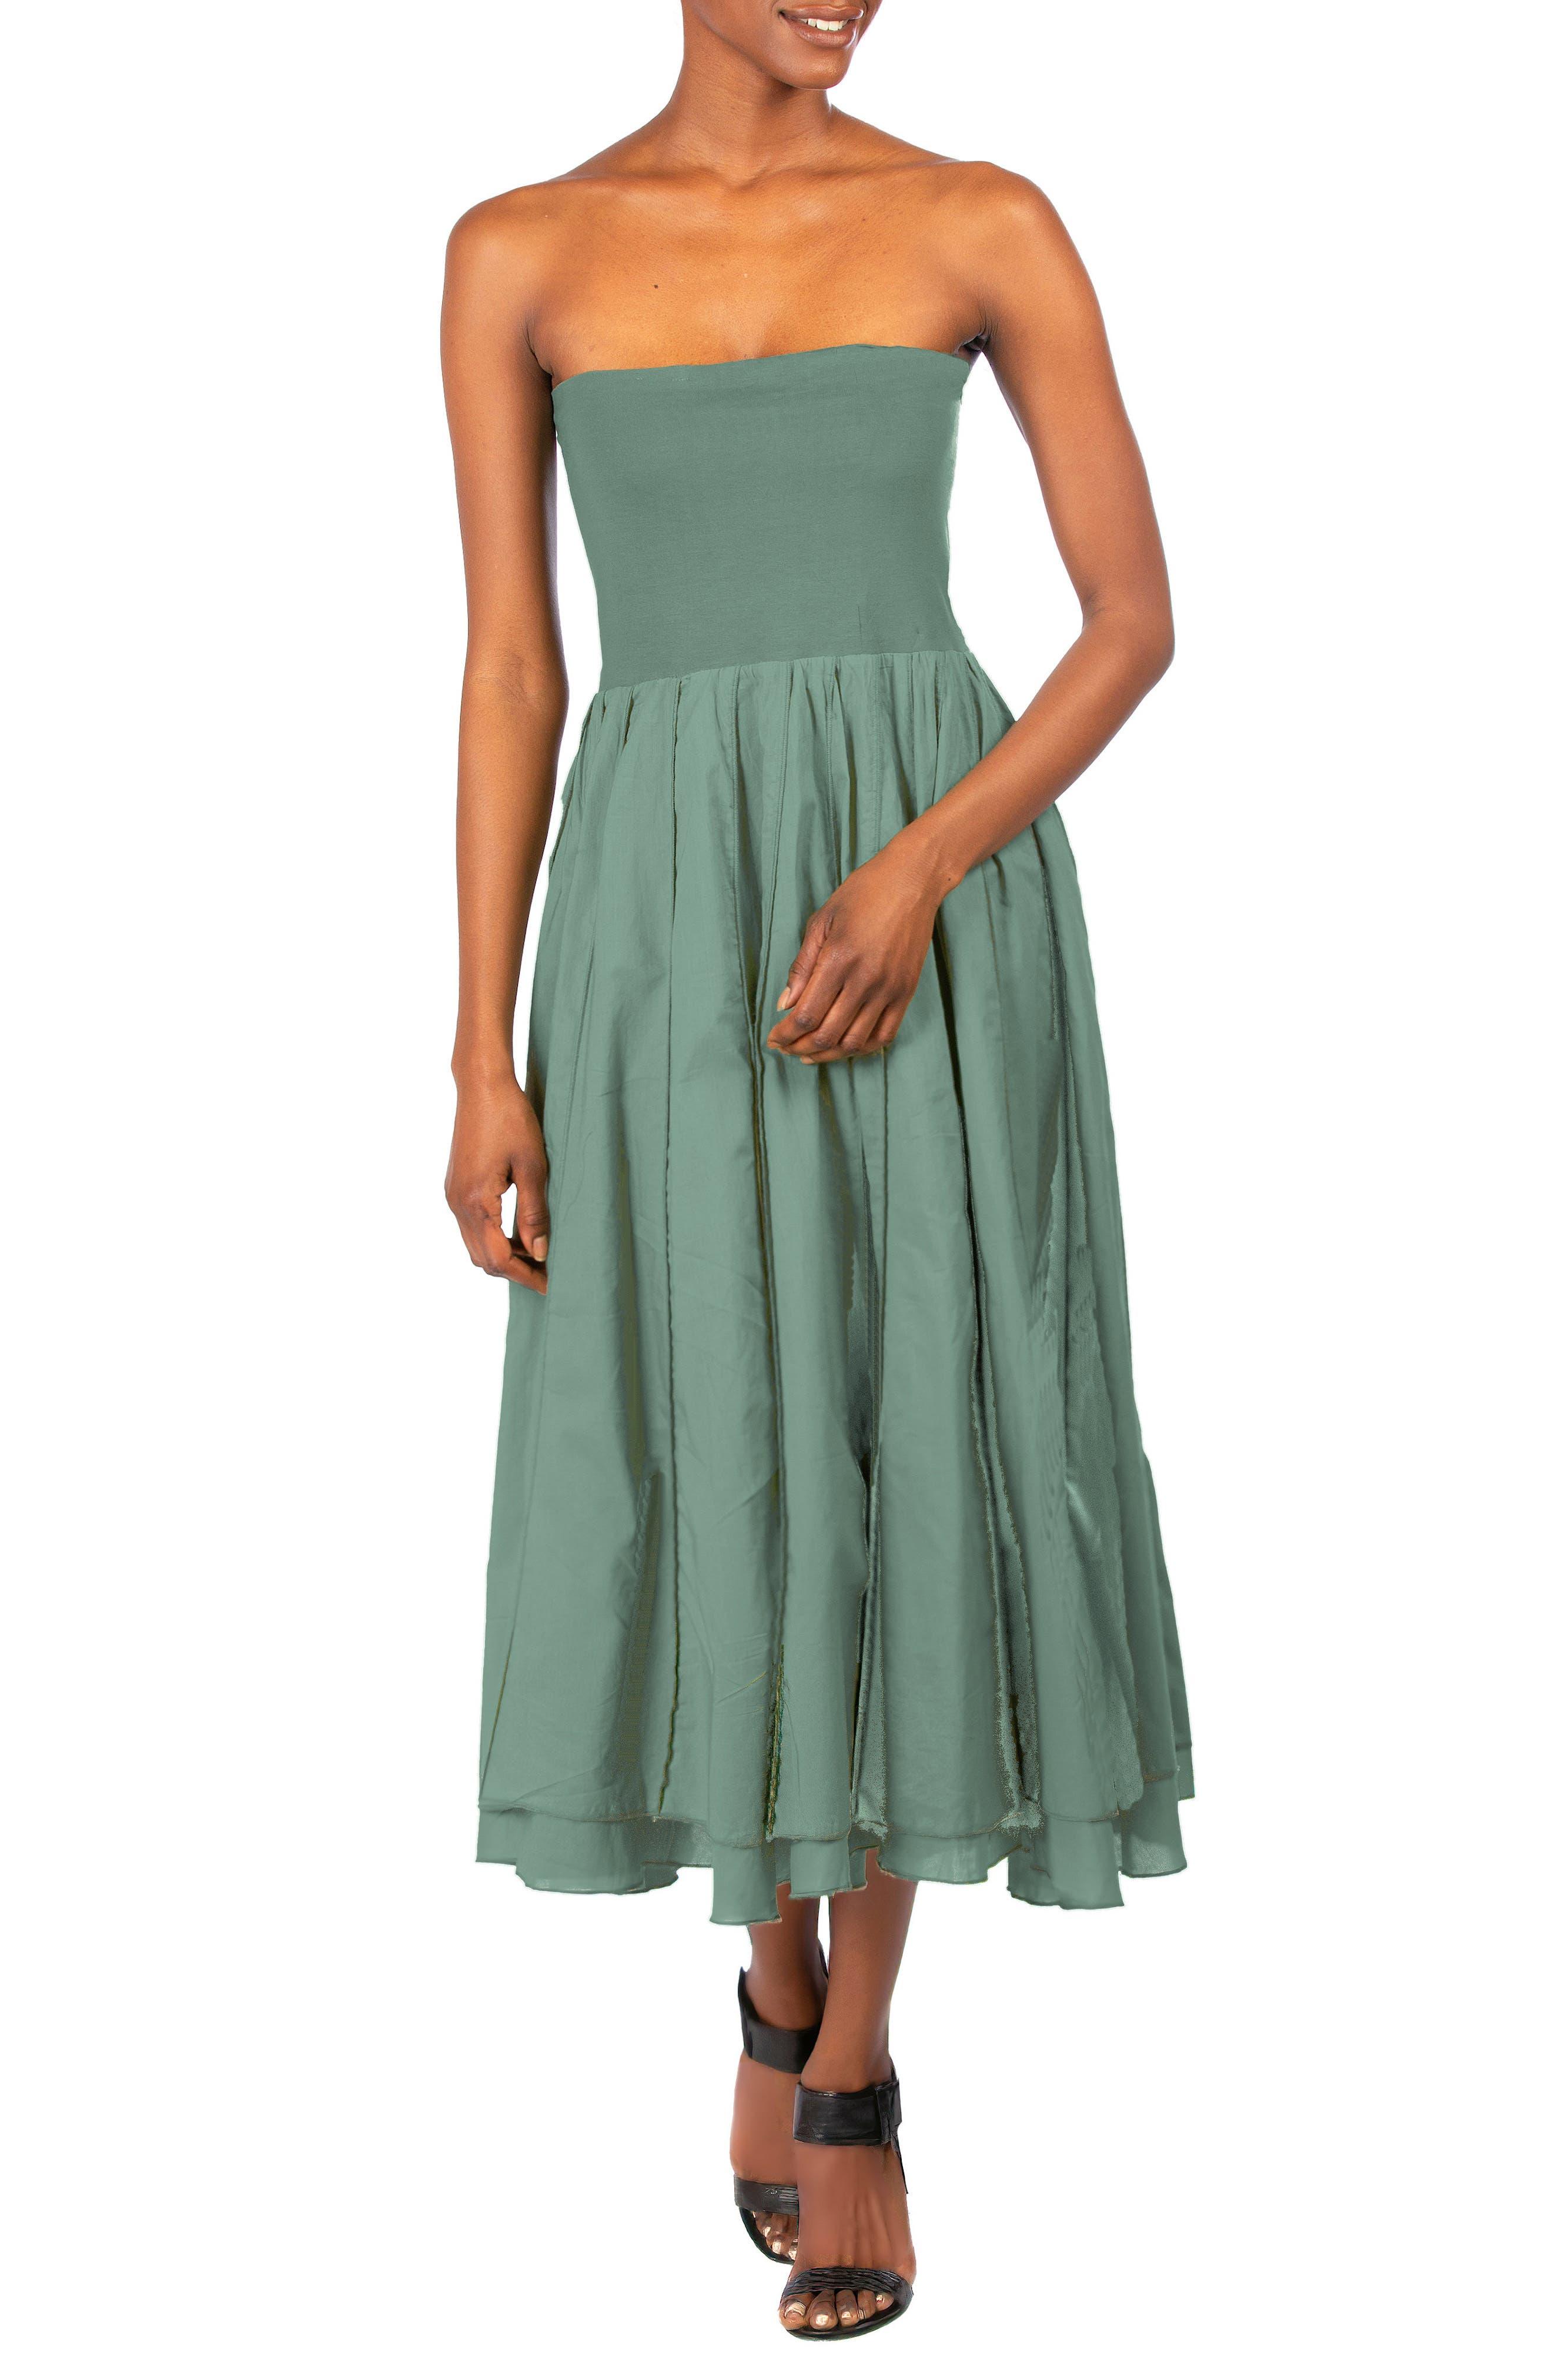 Pintuck Strapless Dress